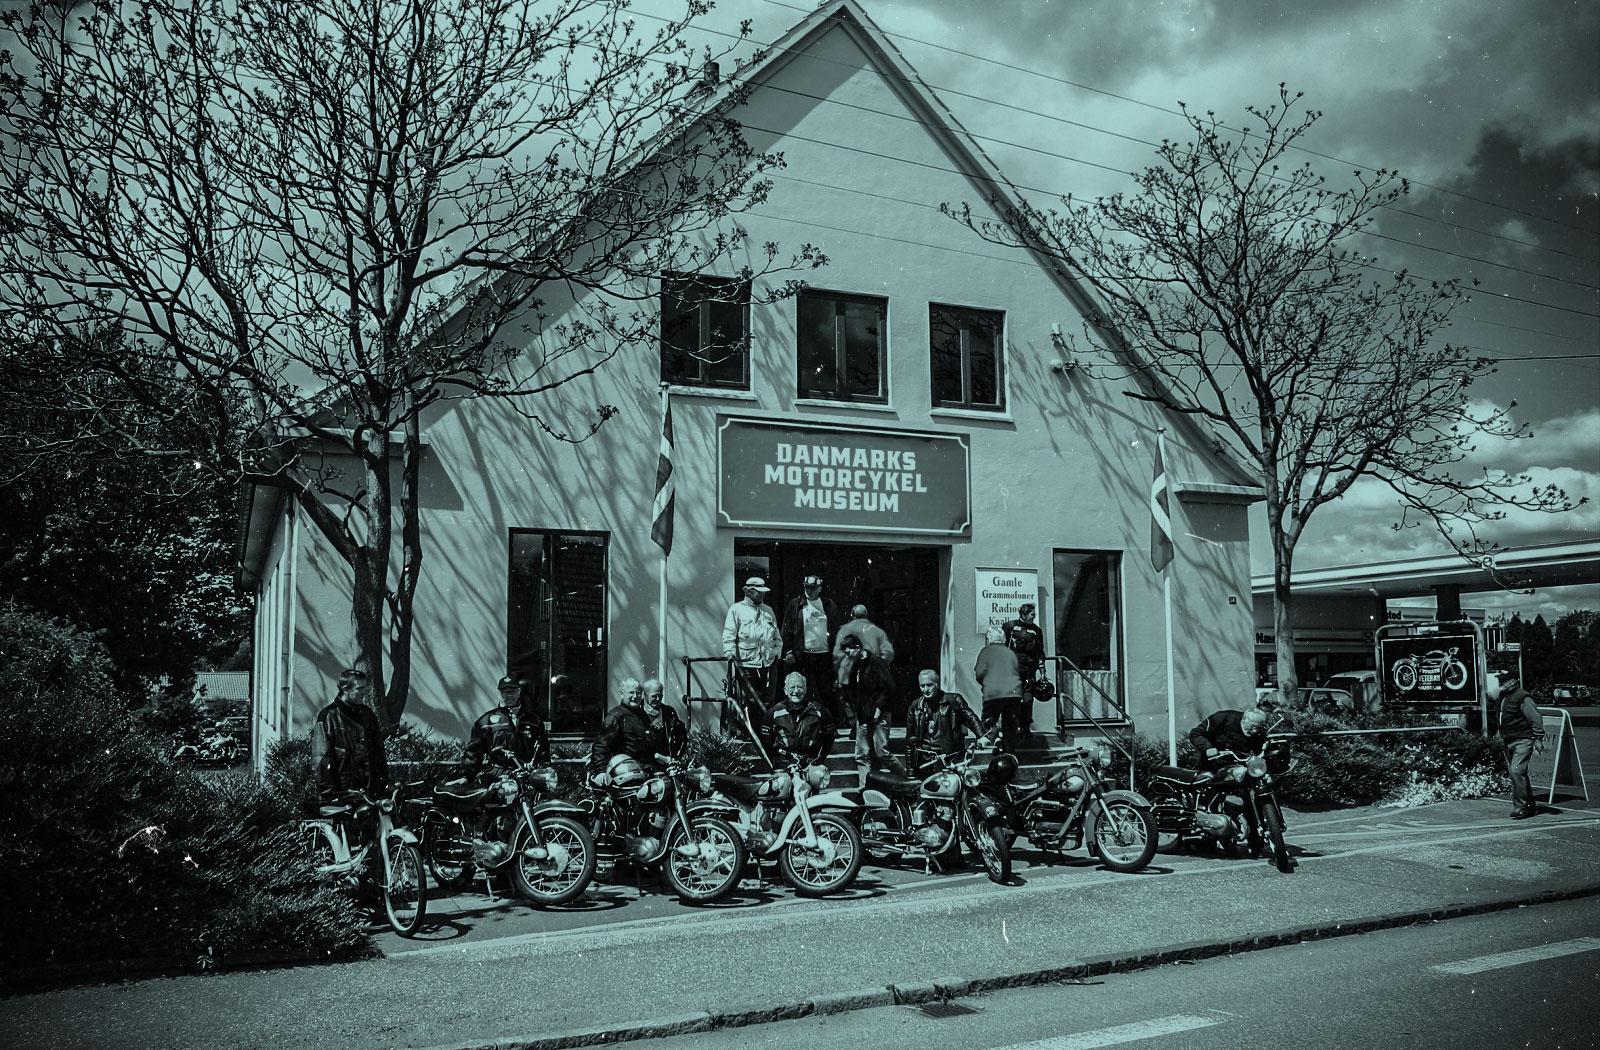 Danmarks Motorcykelmuseum facade